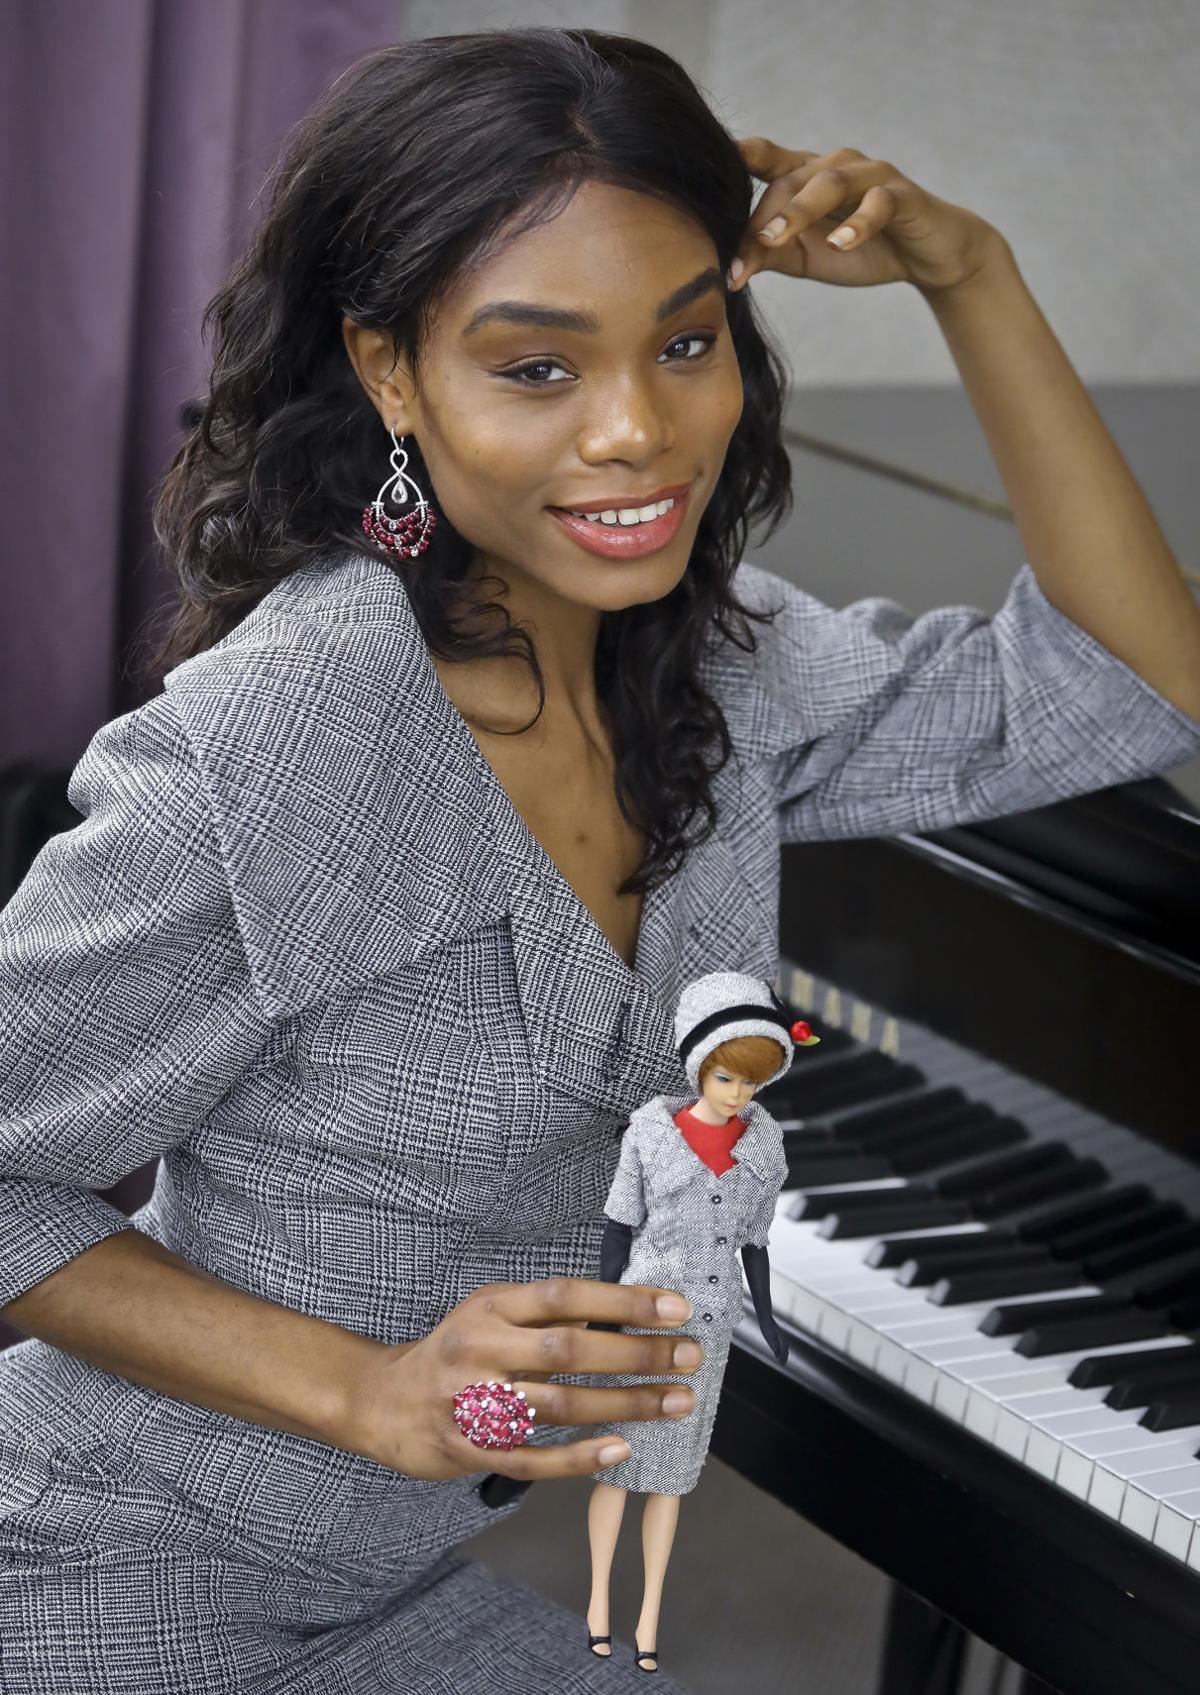 af3b57f1ec6 Iconic Barbie fashion comes alive in vintage collaboration